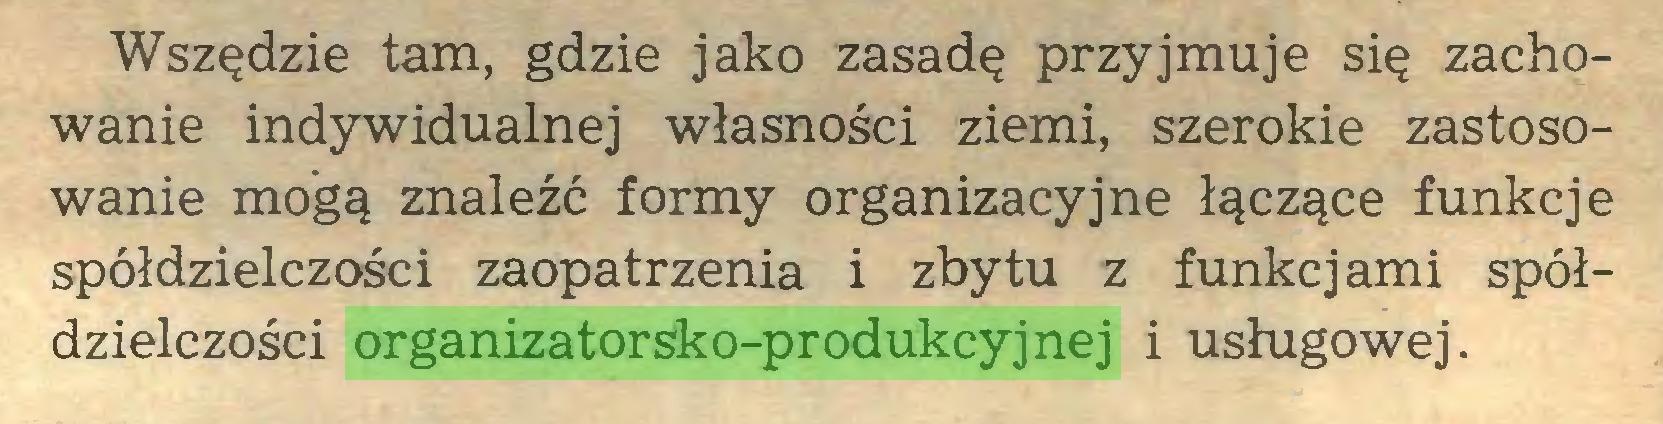 (...) Wszędzie tam, gdzie jako zasadę przyjmuje się zachowanie indywidualnej własności ziemi, szerokie zastosowanie mogą znaleźć formy organizacyjne łączące funkcje spółdzielczości zaopatrzenia i zbytu z funkcjami spółdzielczości organizatorsko-produkcyjnej i usługowej...